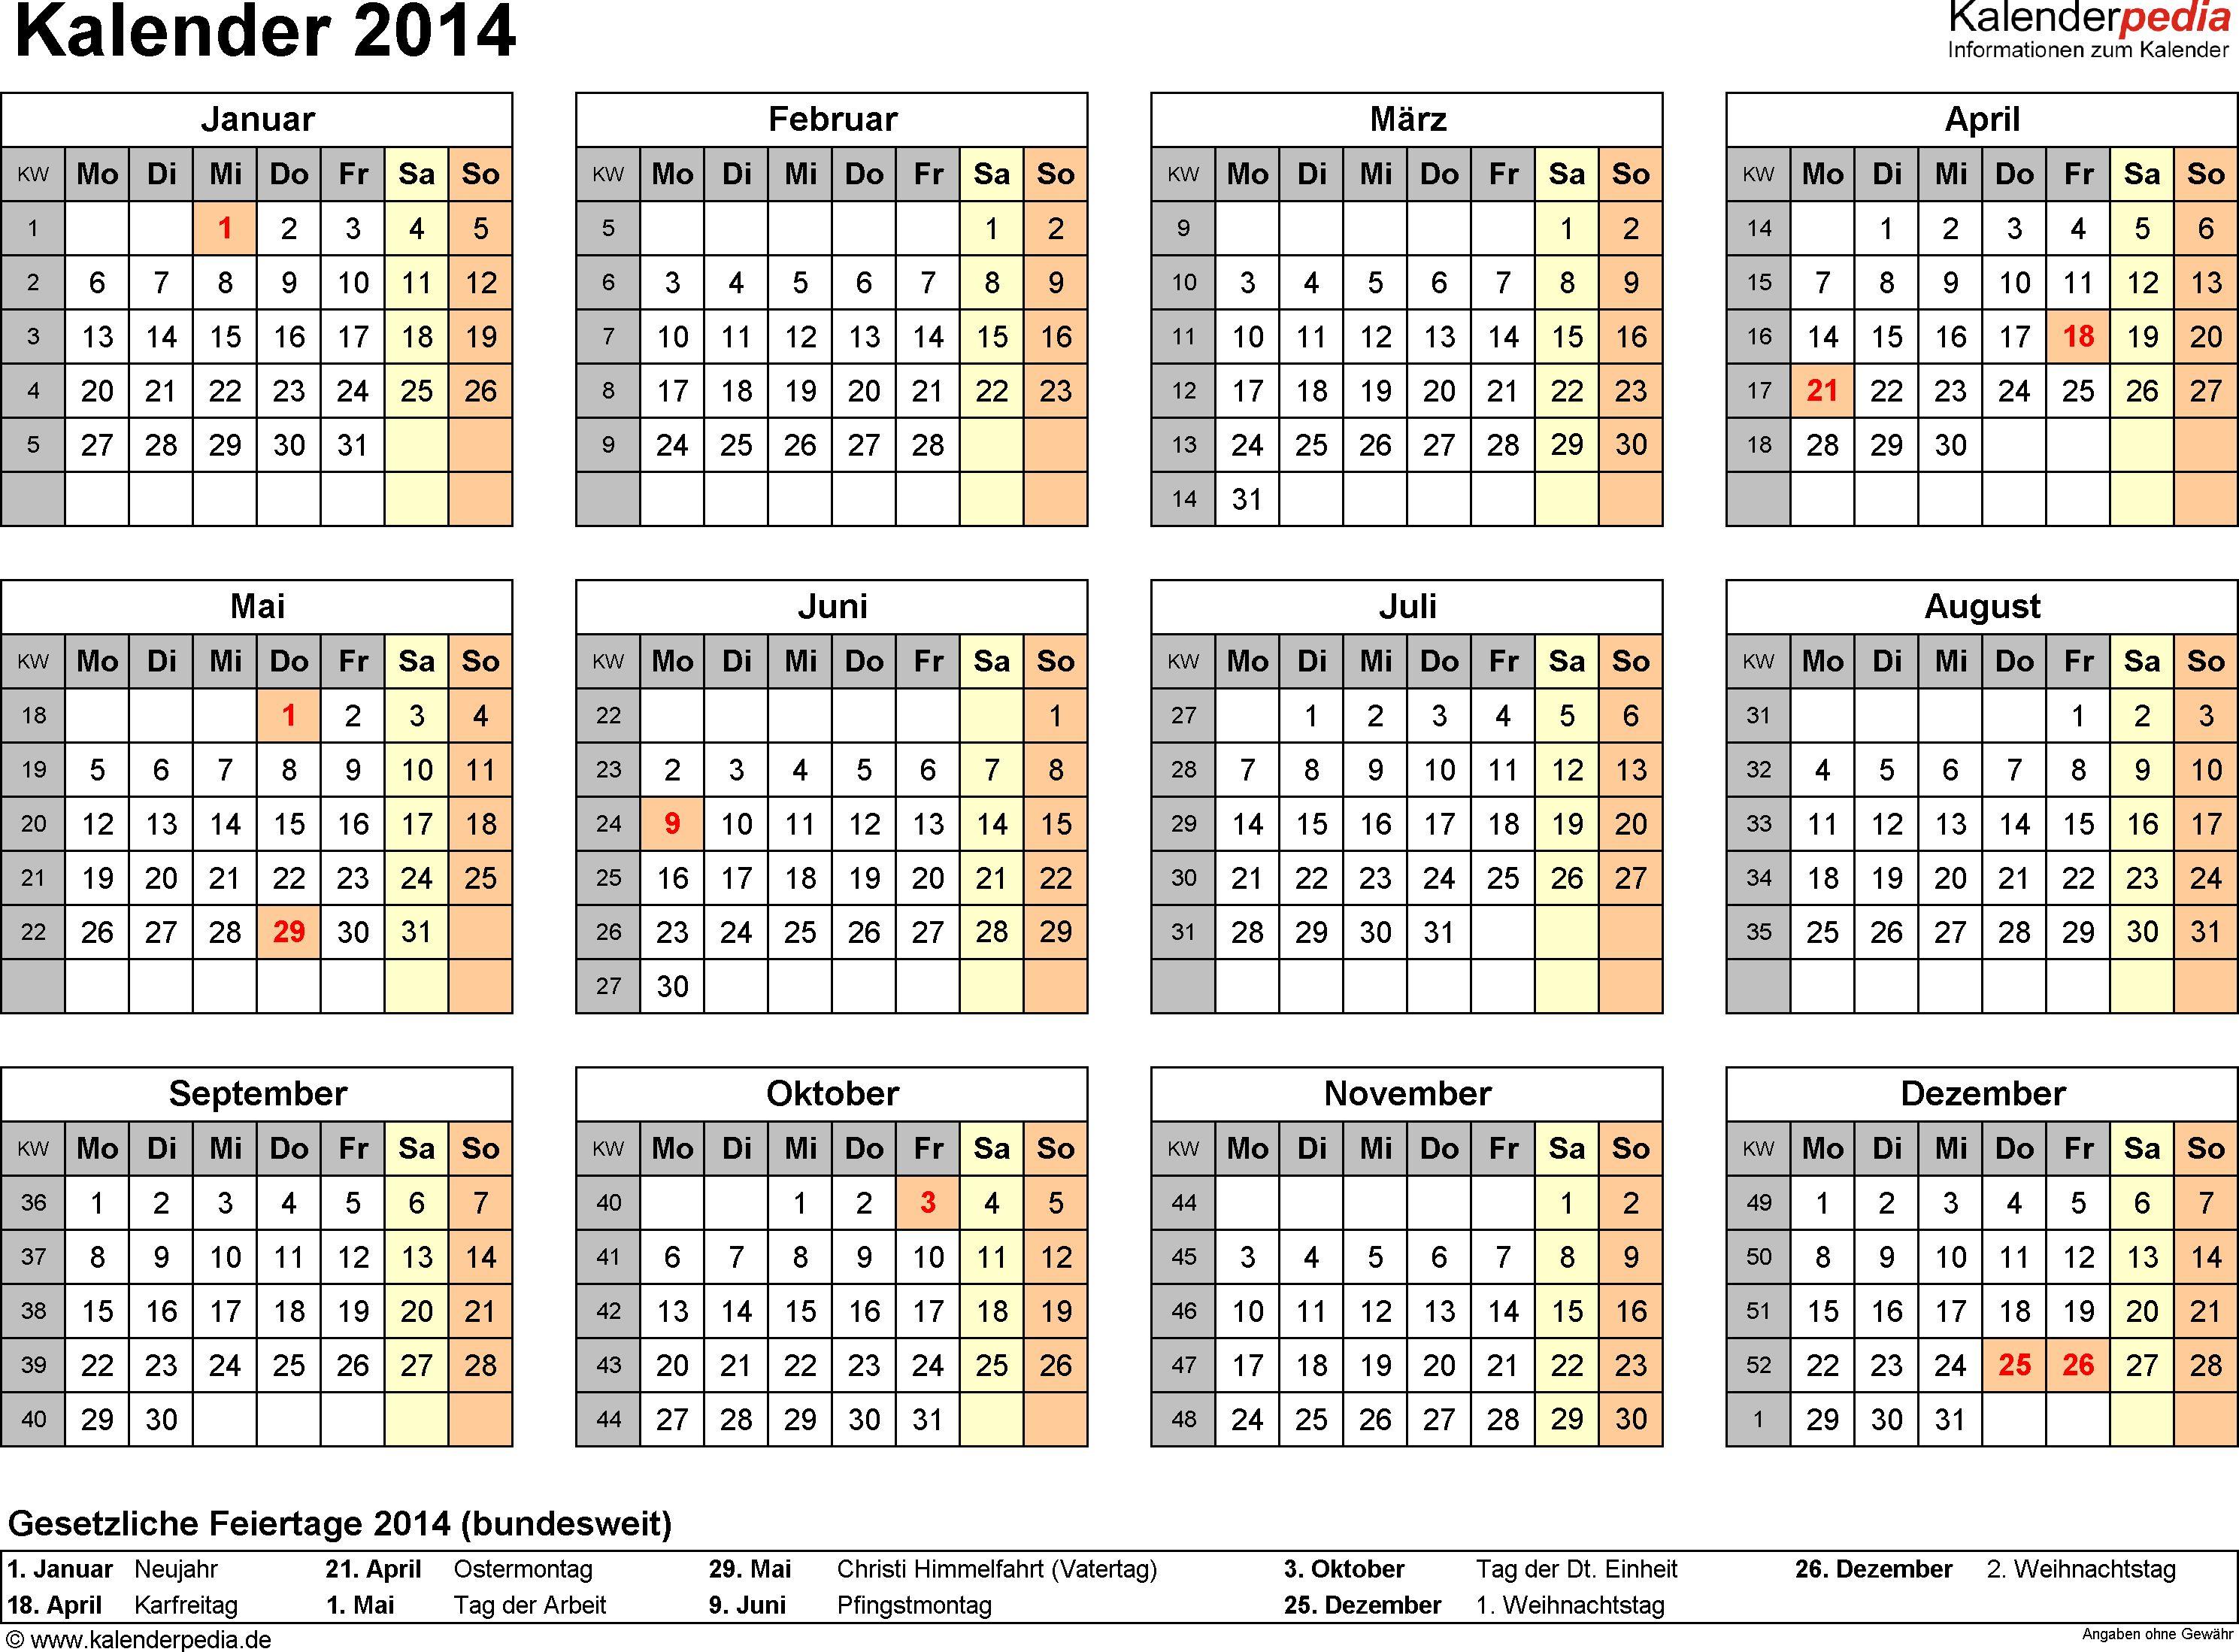 Kalender 2014 Mit Excel Pdf Word Vorlagen Feiertagen Ferien Kw